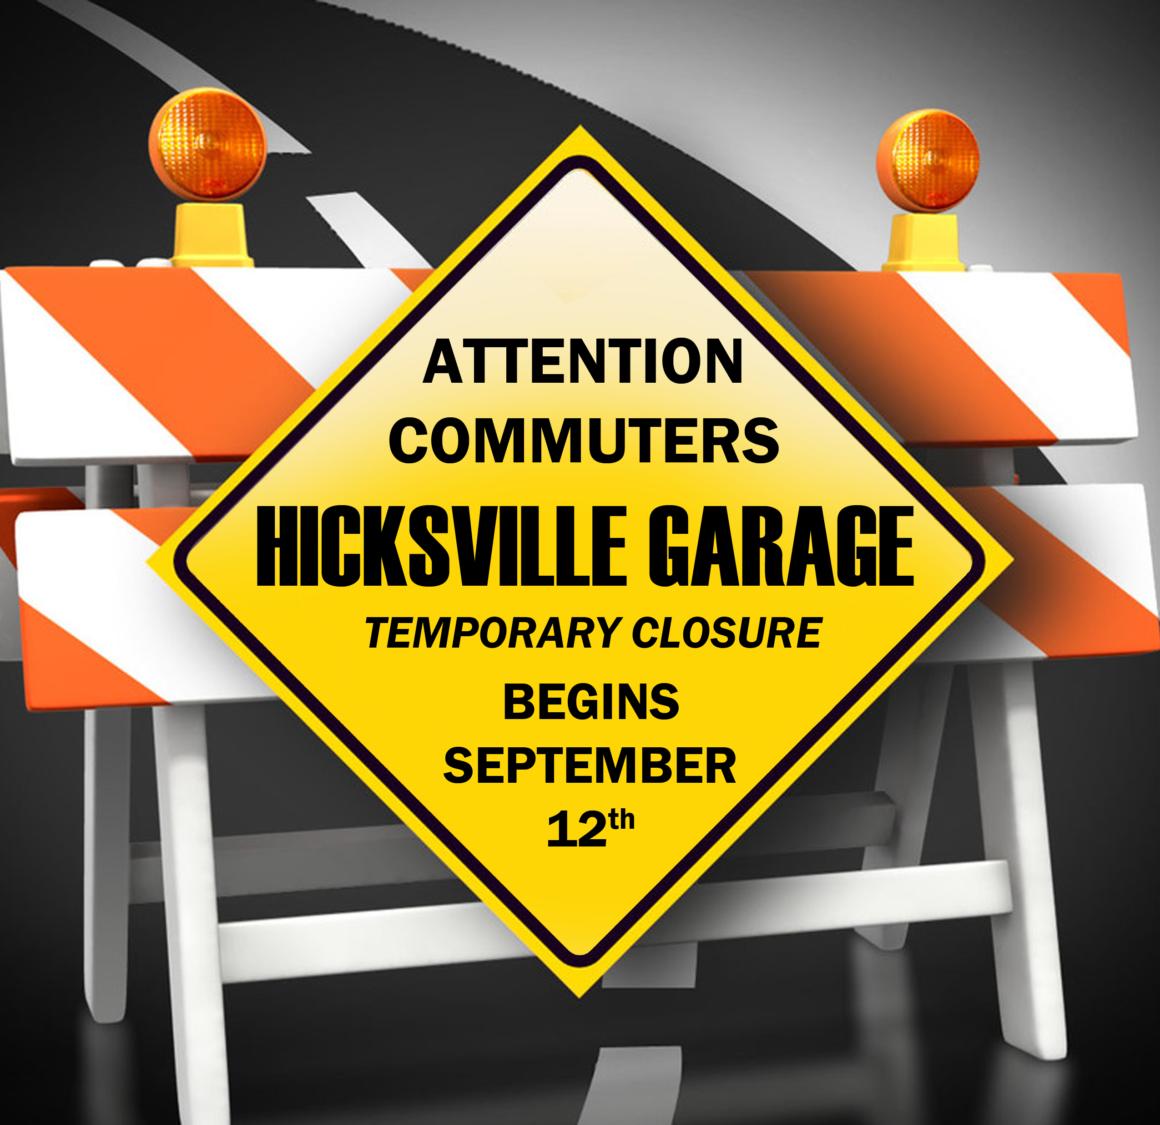 Hicksville Parking Garage to Undergo Repairs Beginning September 12th